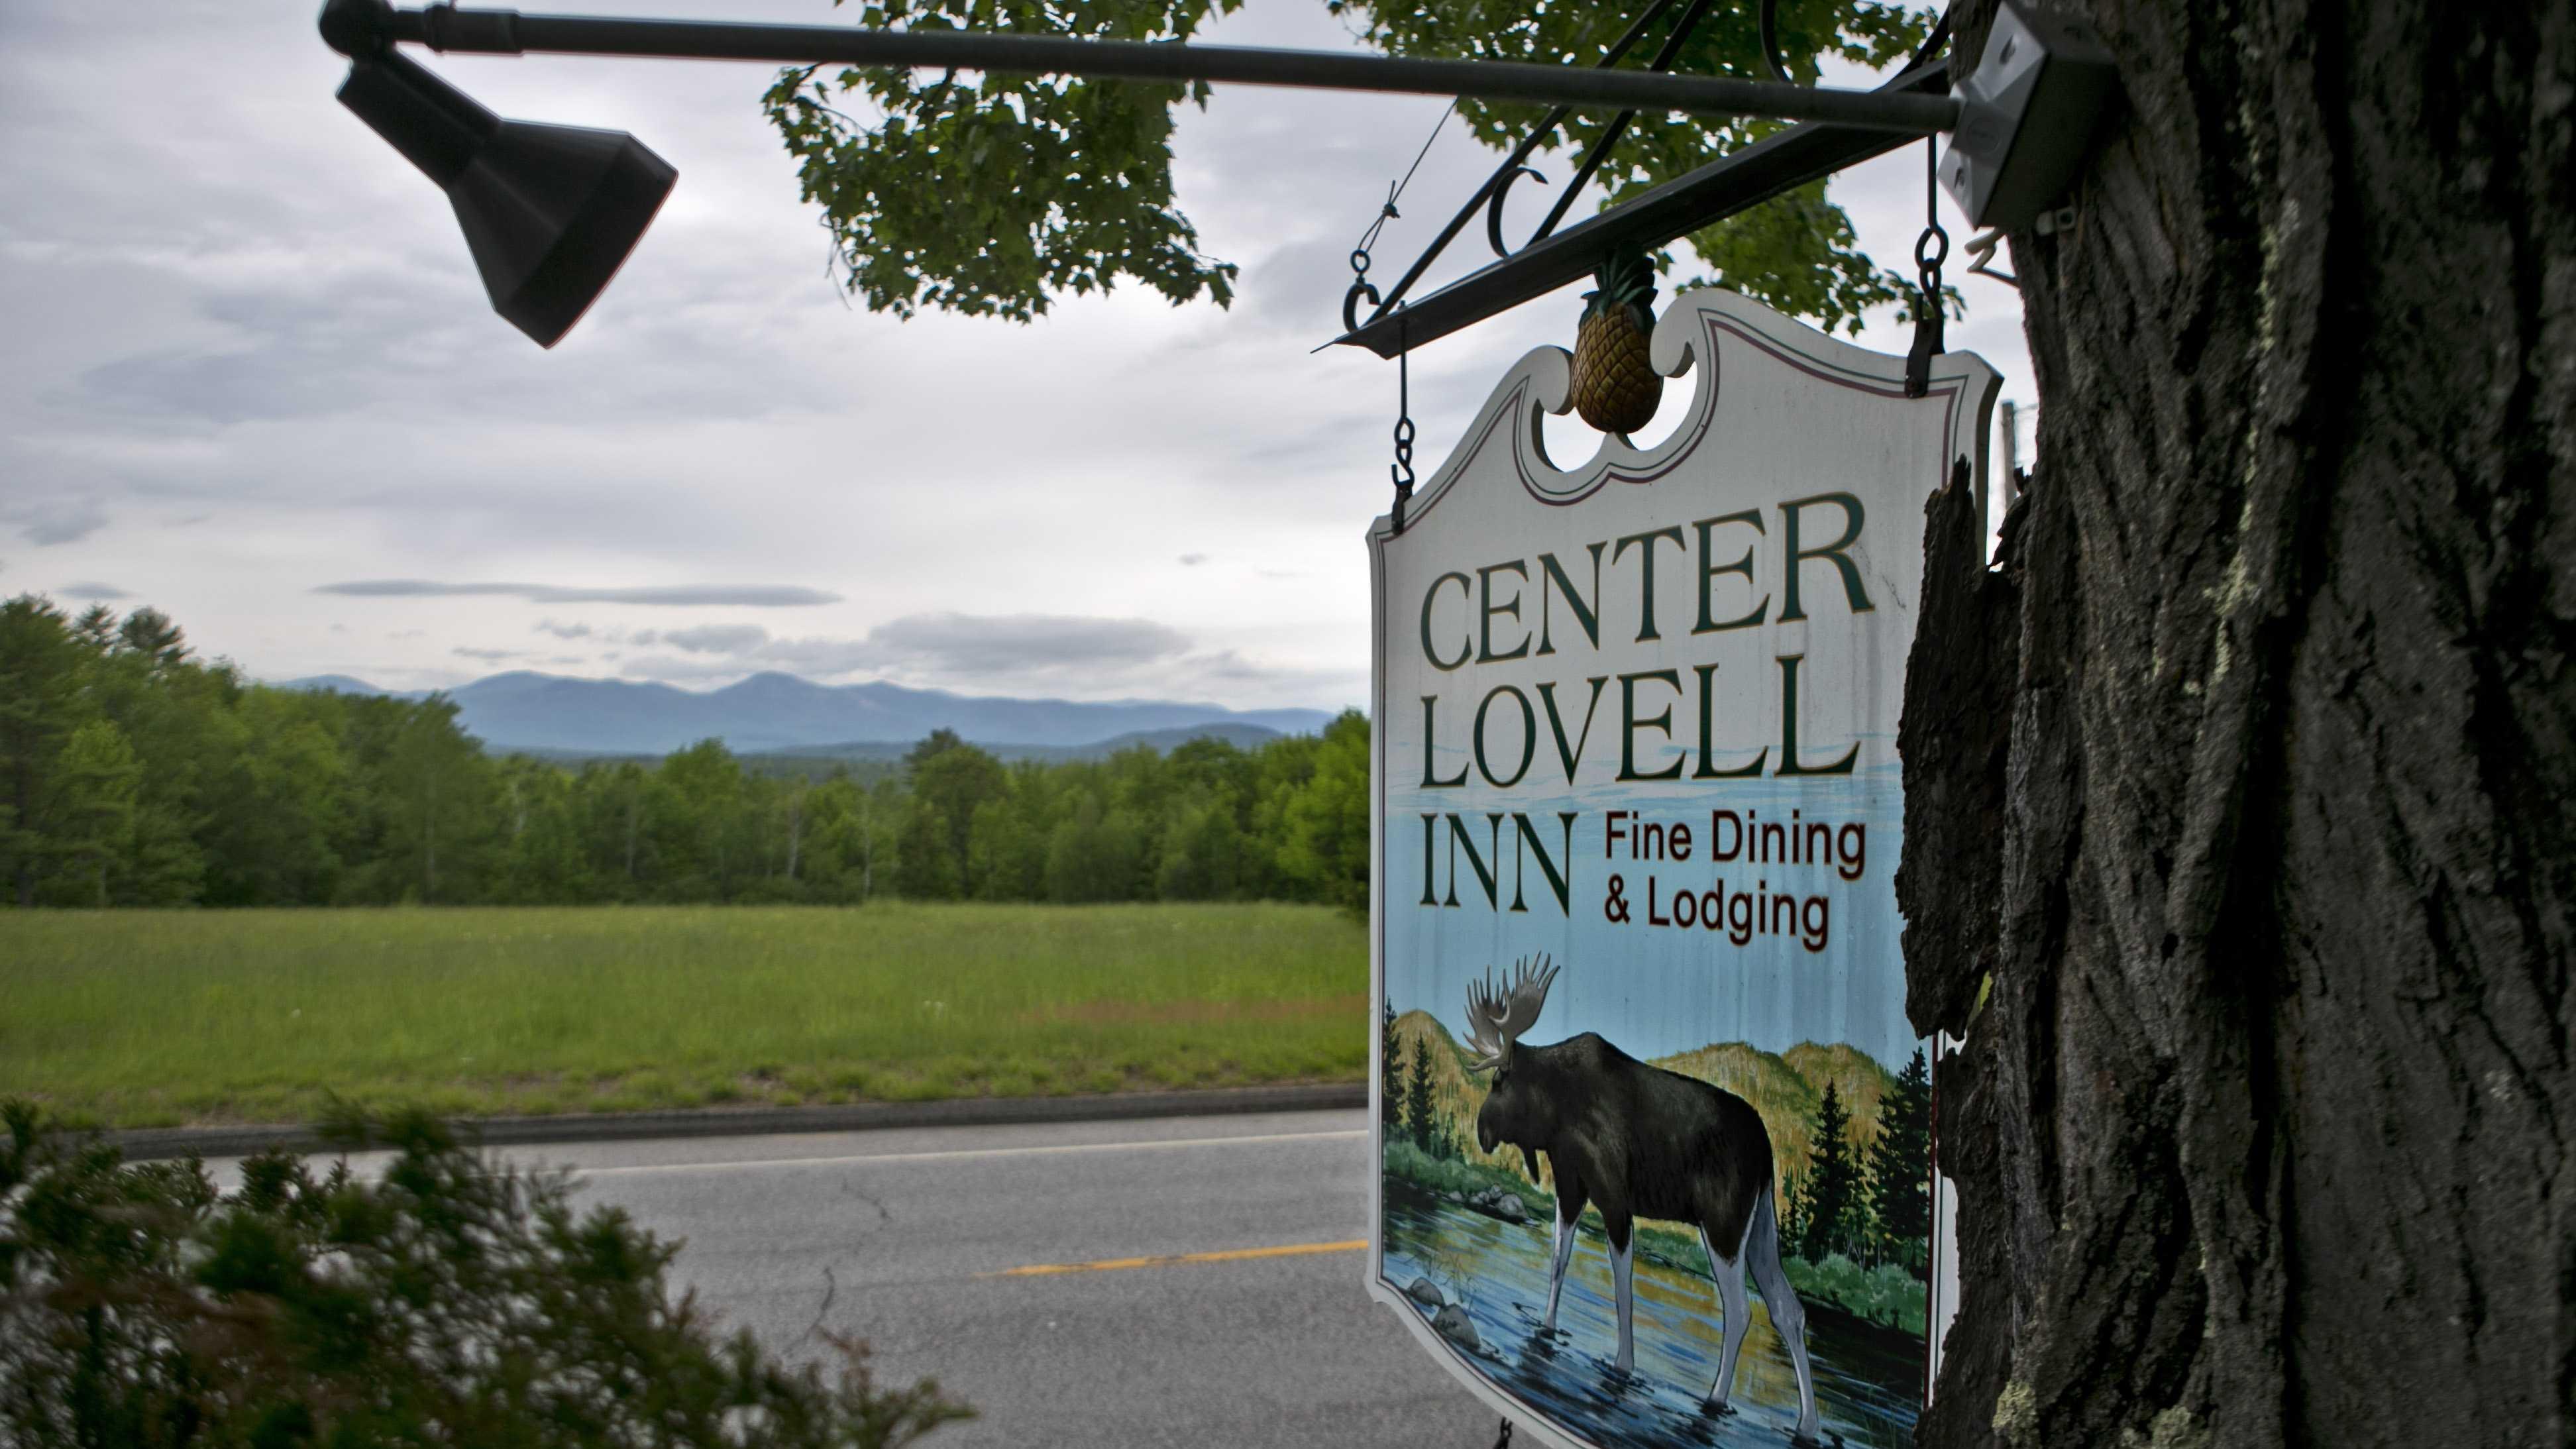 The Center Lovell Inn's roadside sign is seen Friday, June 5, 2015, in Lovell, Maine.